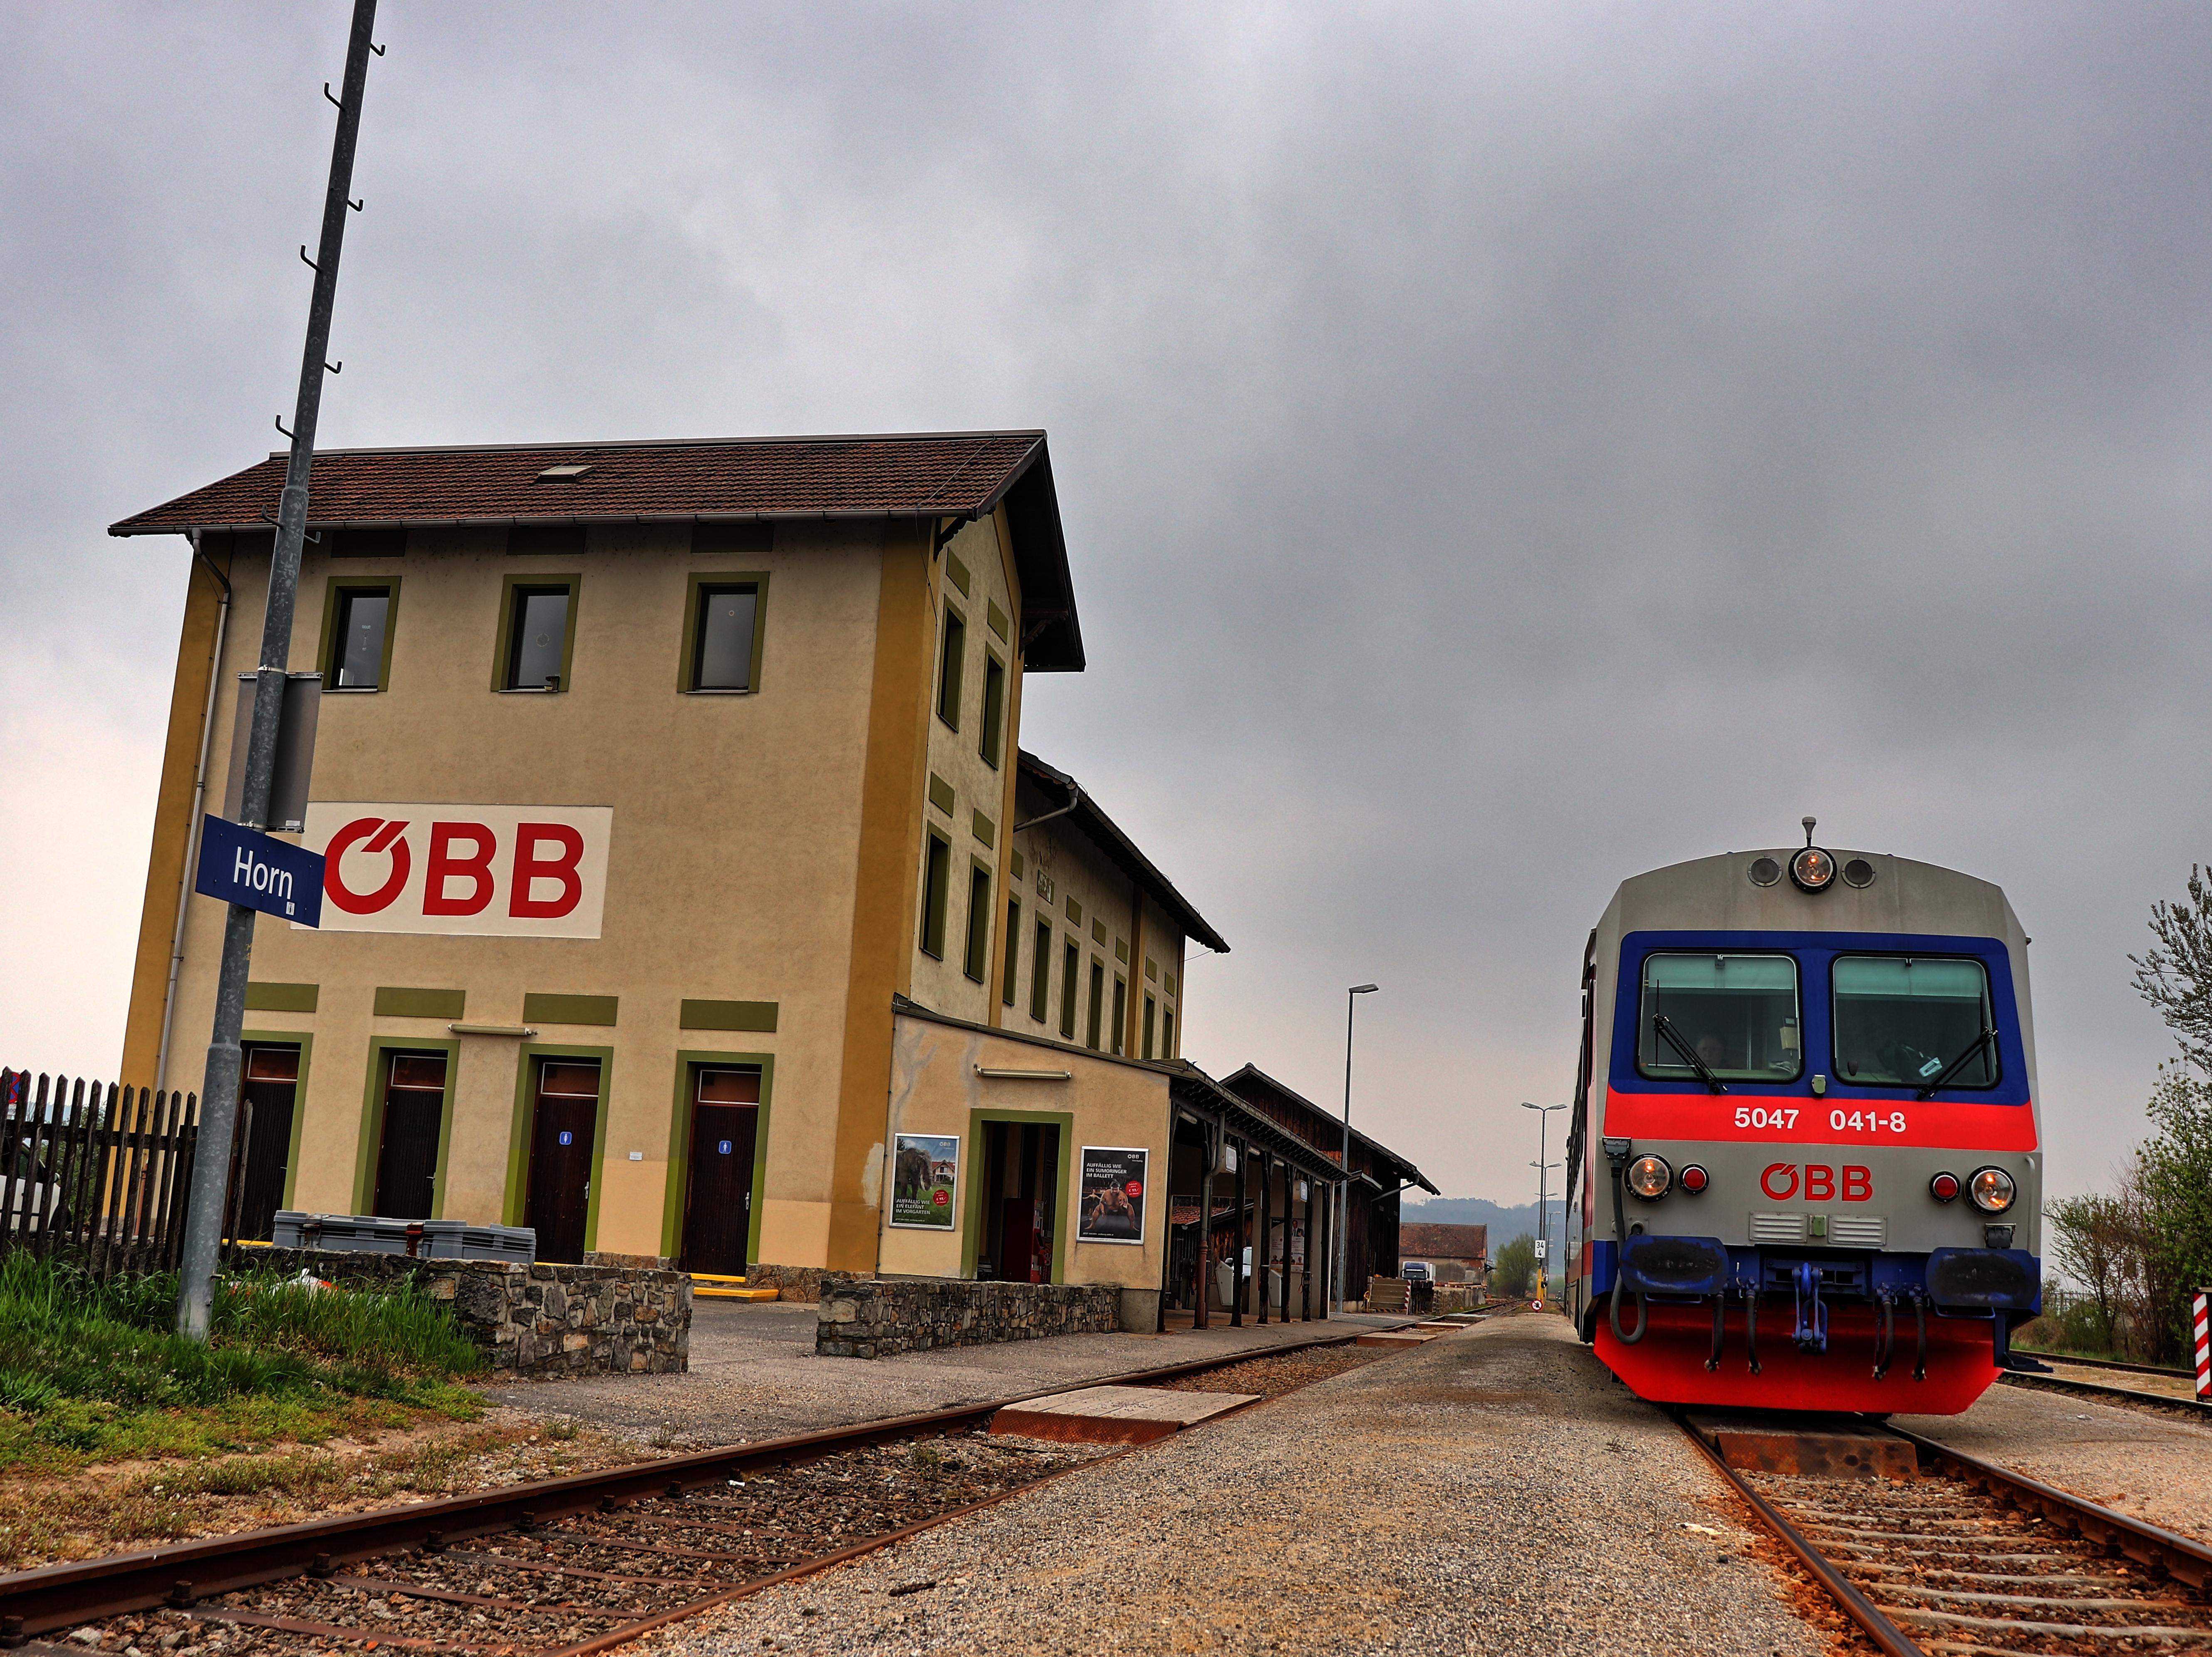 Triebfahrzeug vom Typ ÖBB 5047 im Bahnhof Horn